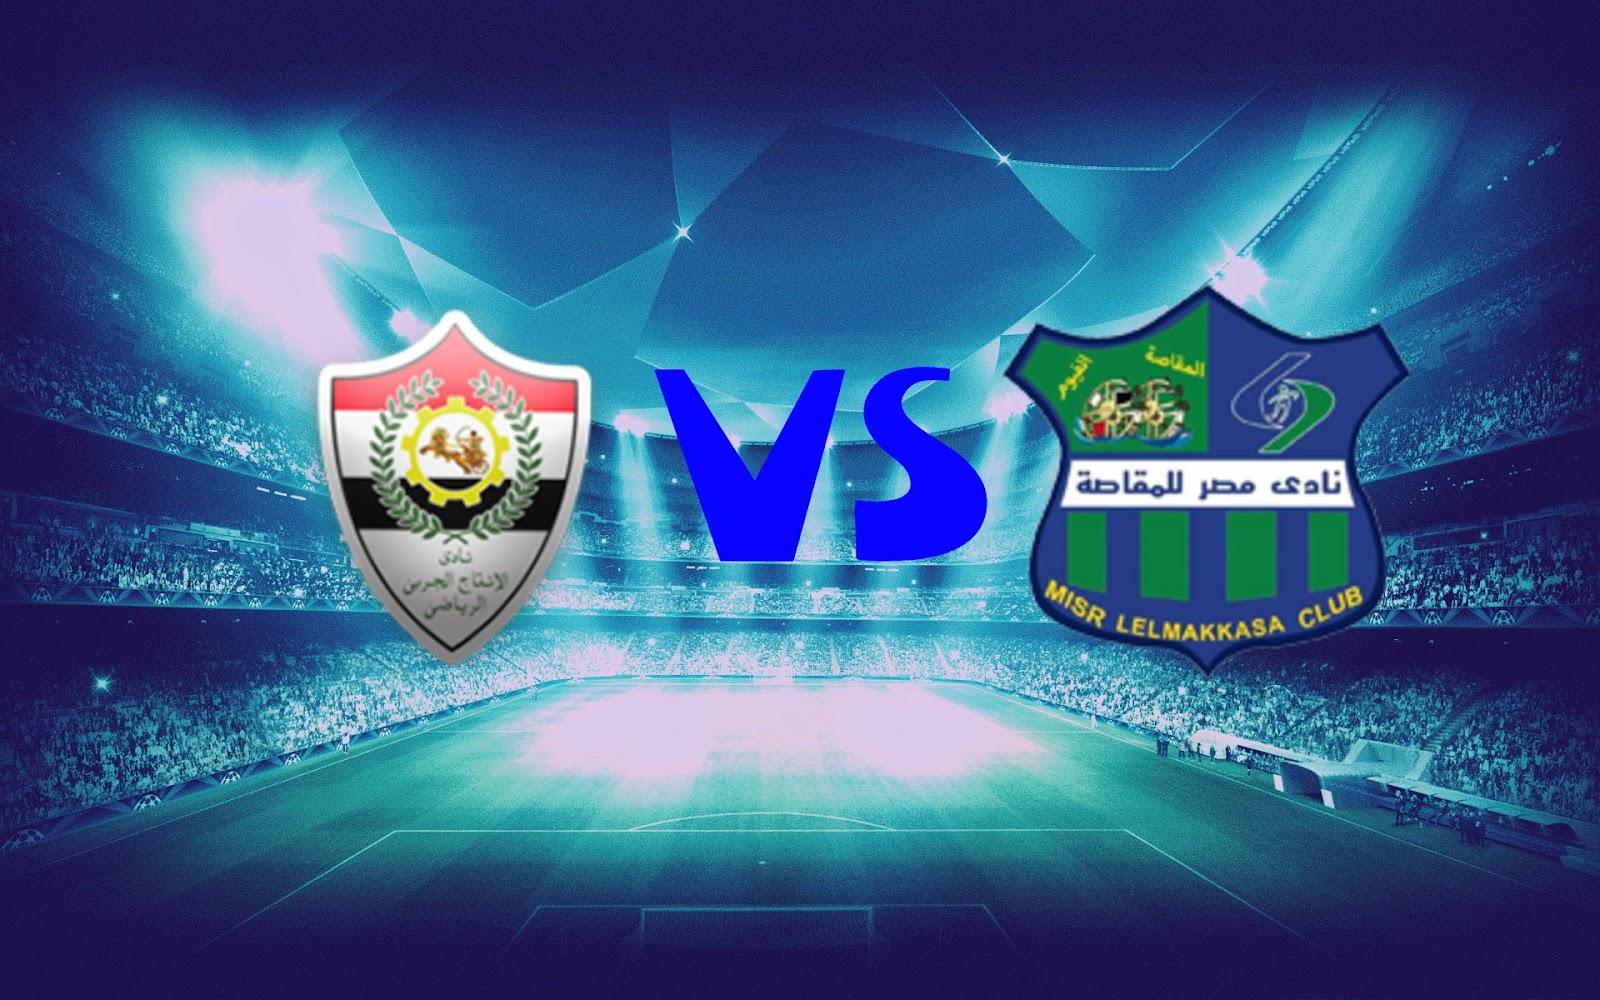 نتيجة مباراة مصر المقاصة والانتاج الحربي اليوم 15-08-2021 الدوري المصري